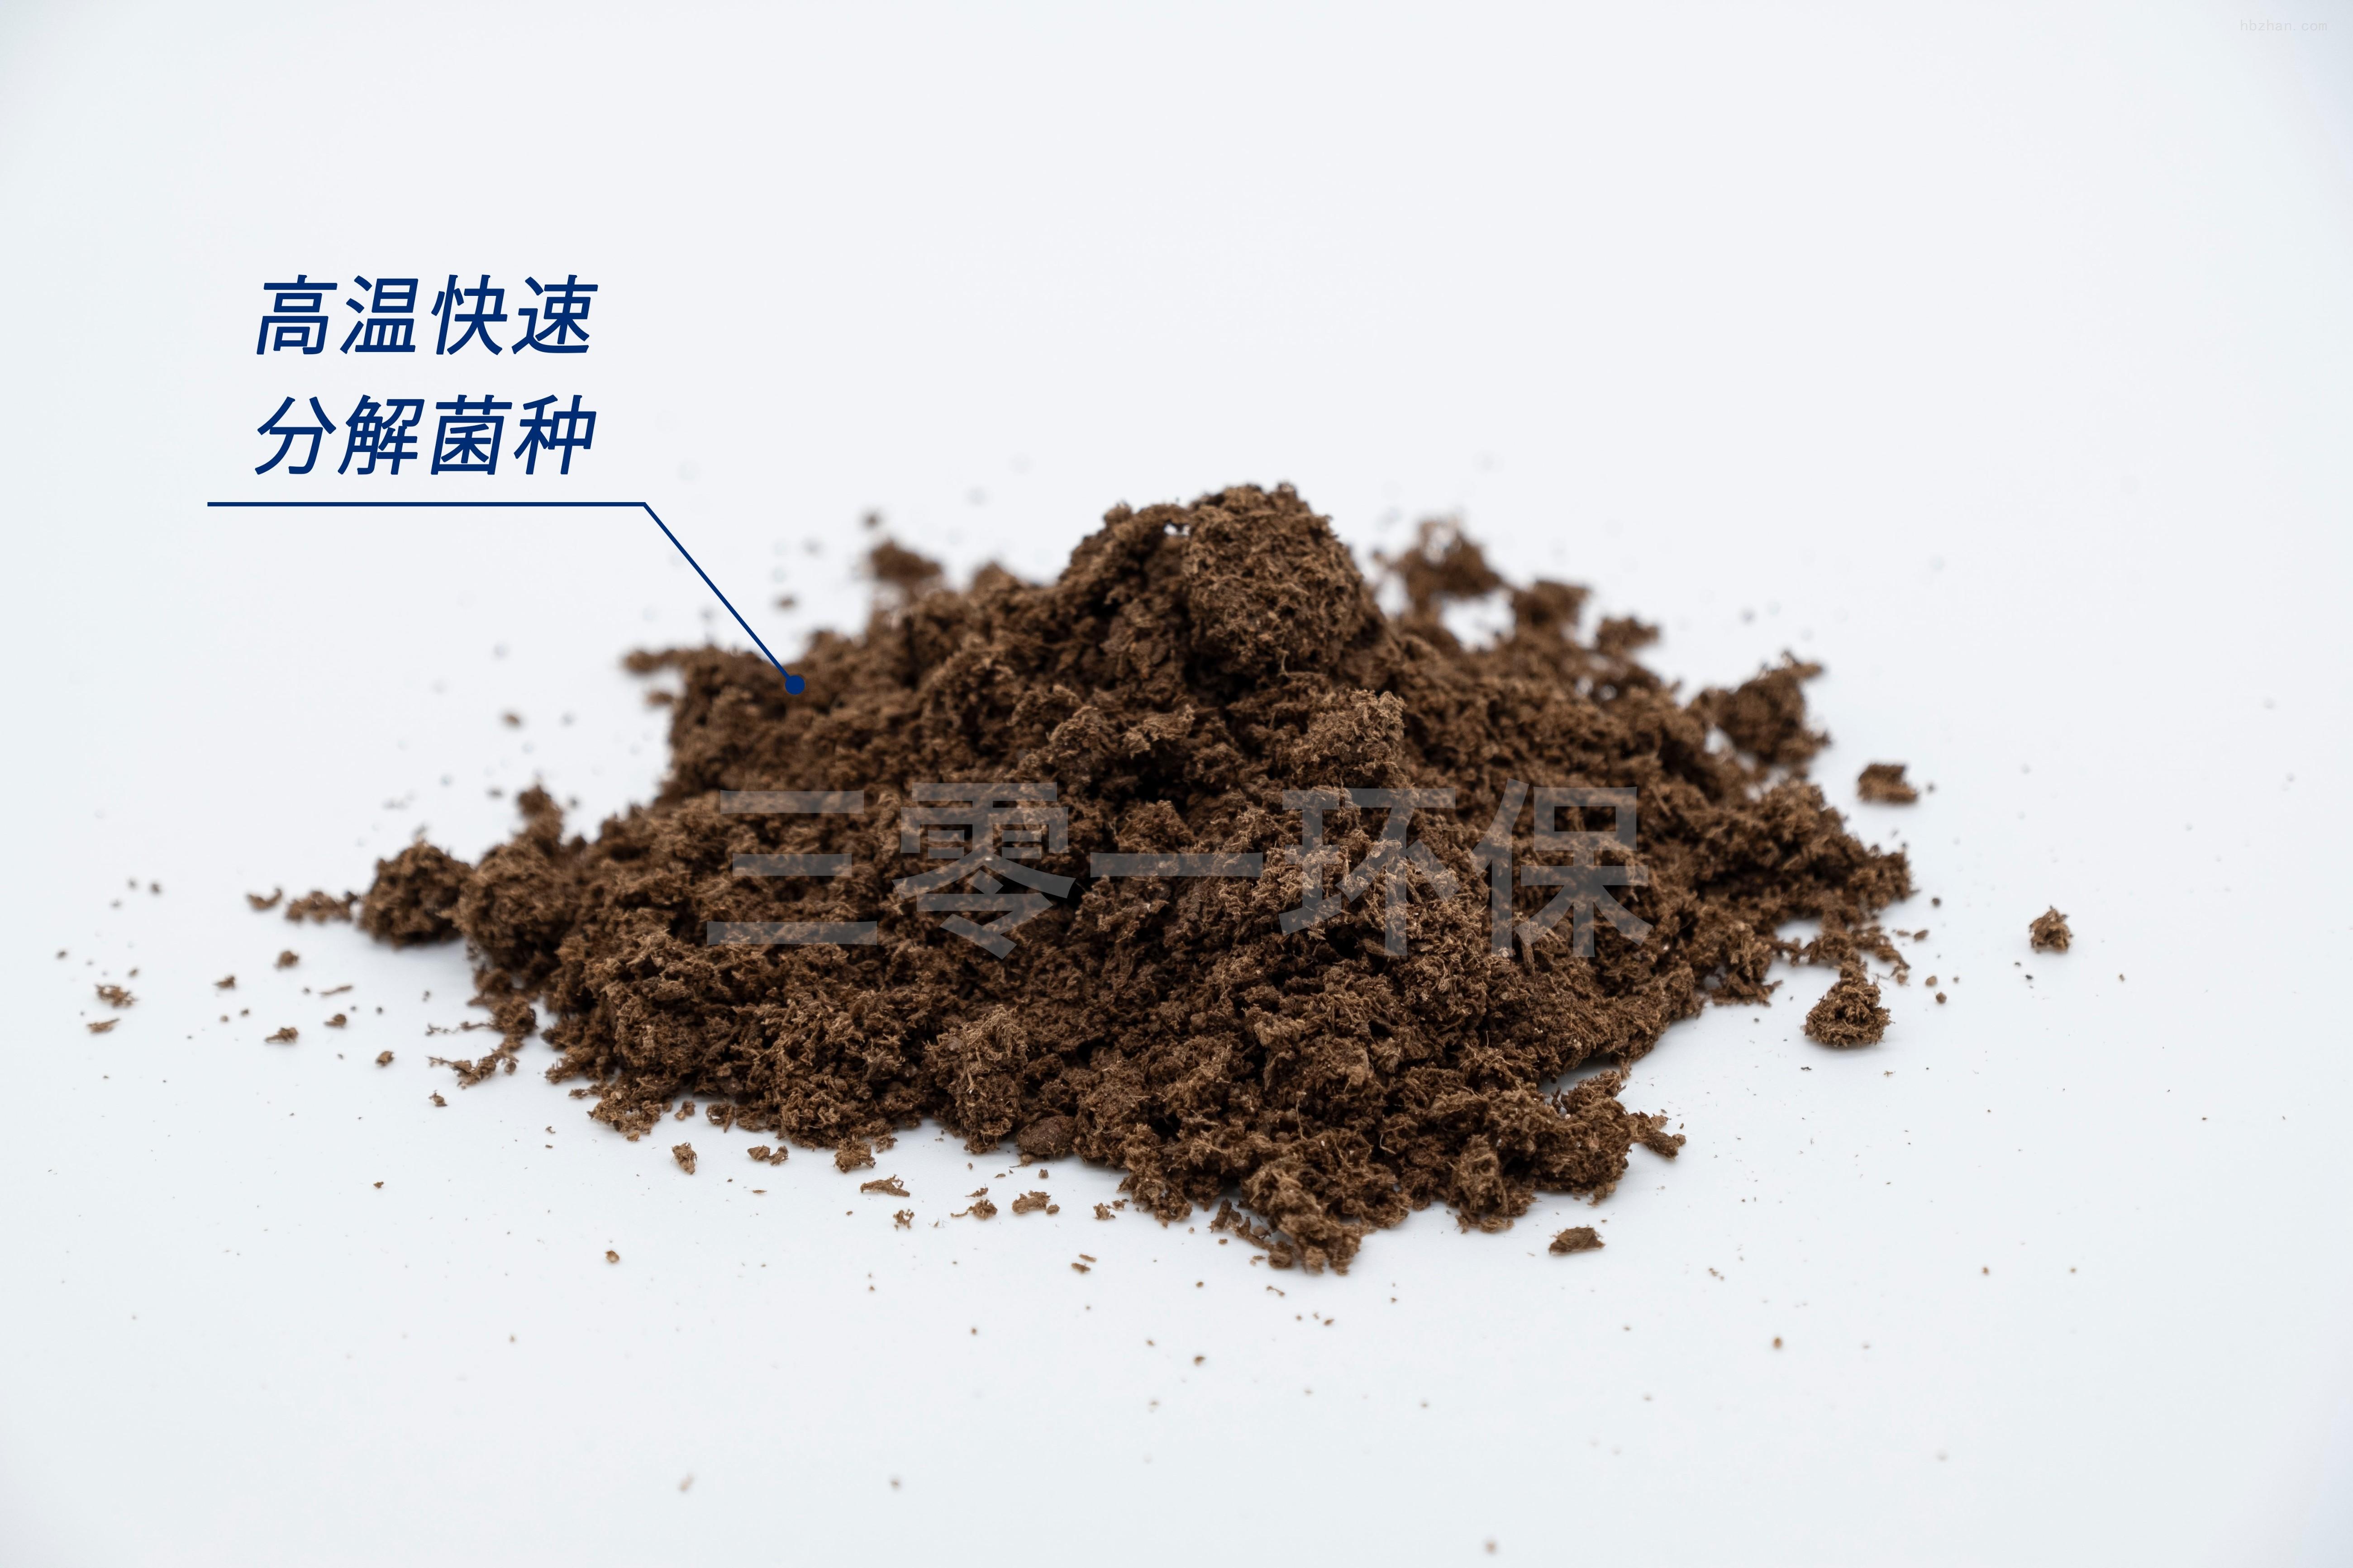 高温快速分解菌种